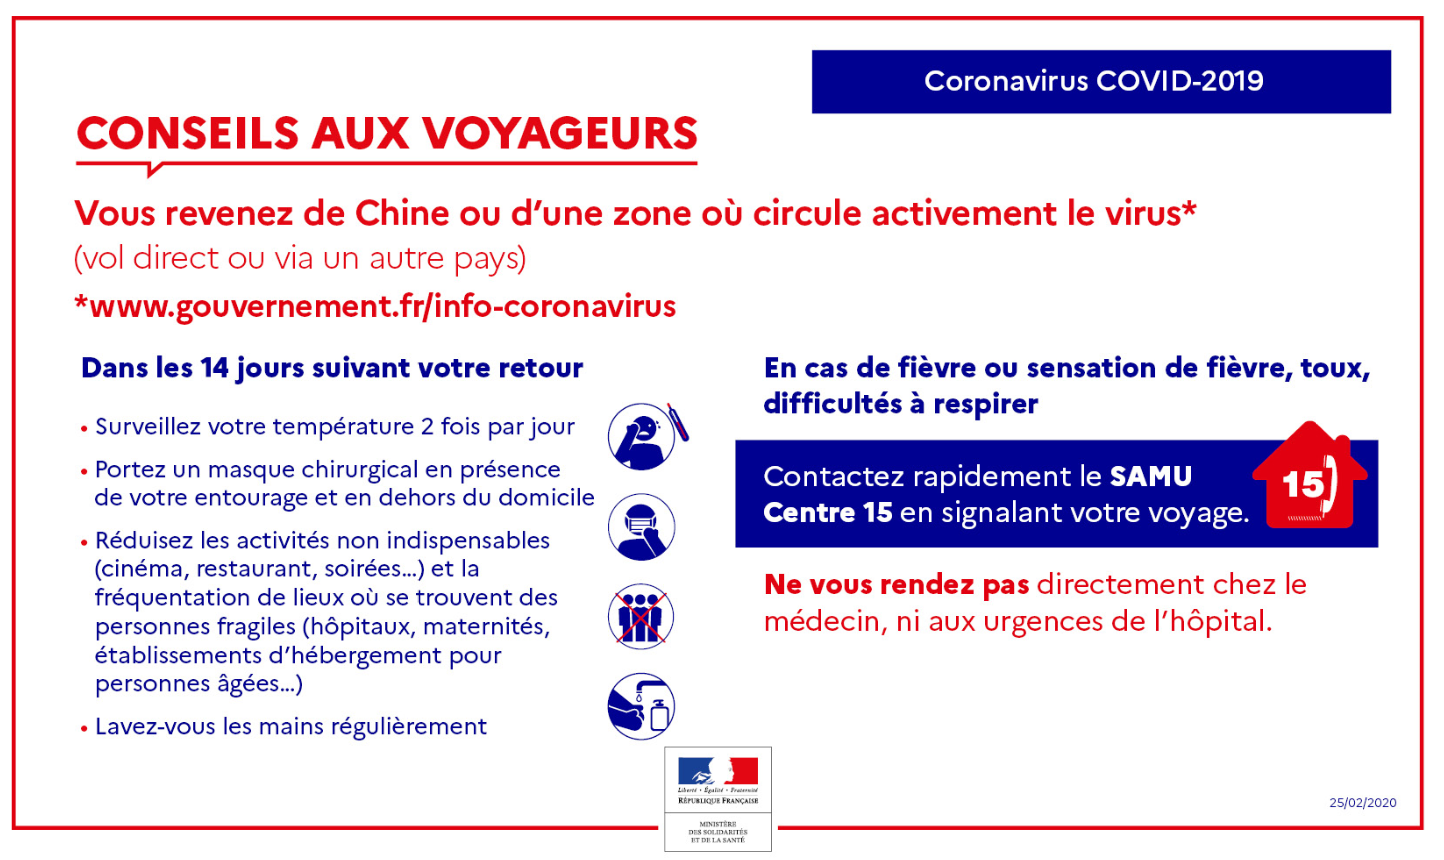 Coronavirus Emergency COVID-19: les mesures de travail dans le décret de loi #CuraItalia excluent les indépendants